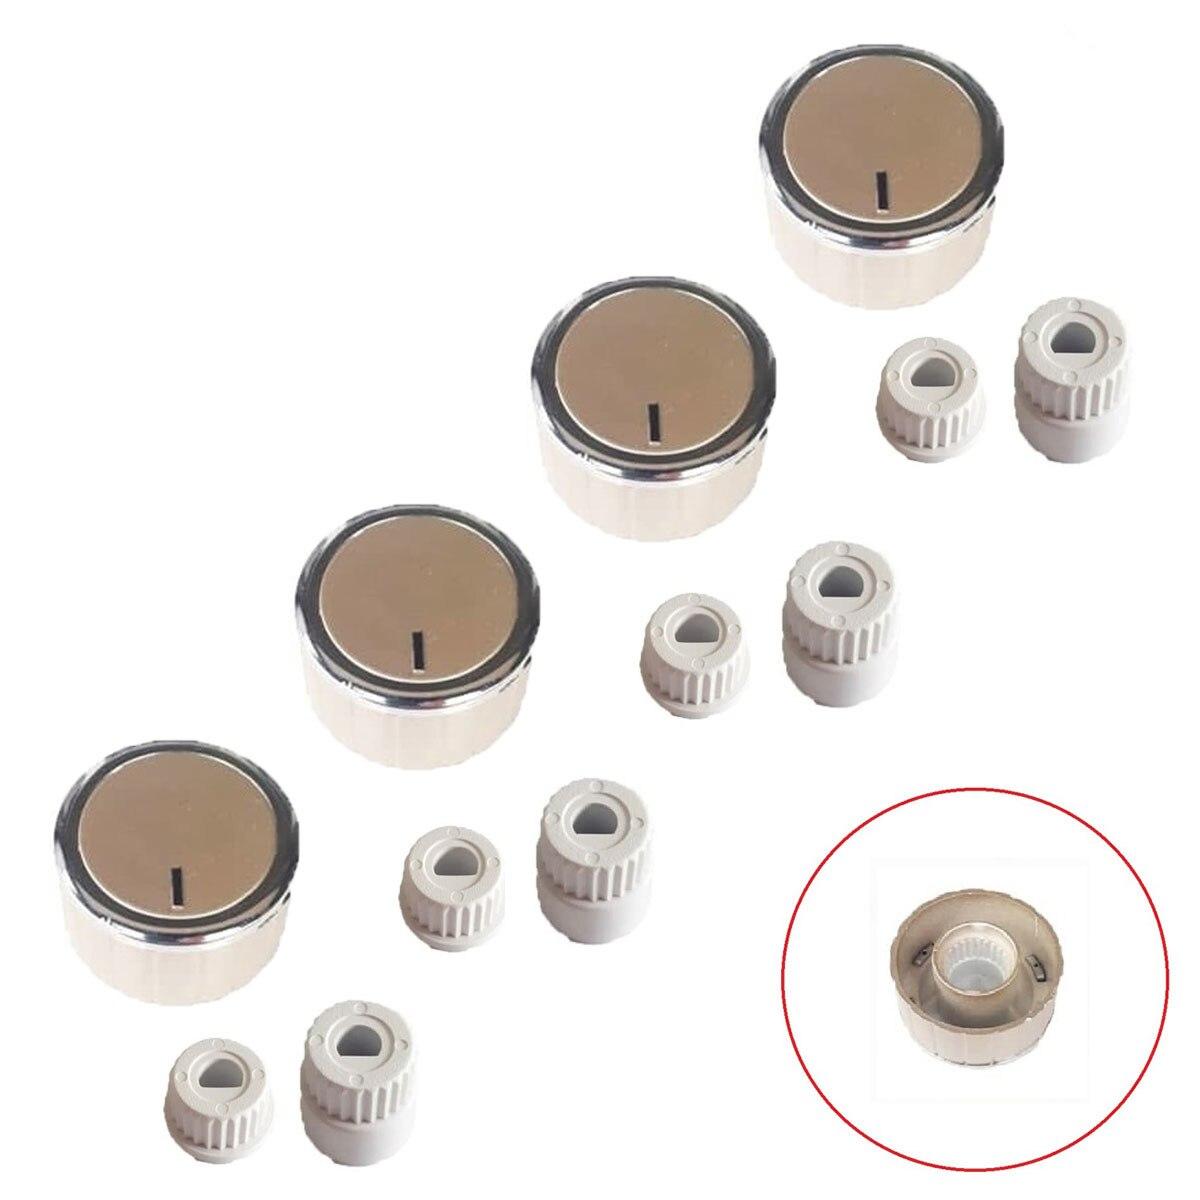 İtimat Button 4 pcs Team Flush Cooktop Button-TYPE 2 Gray Staninless HT-SÜ0018-21